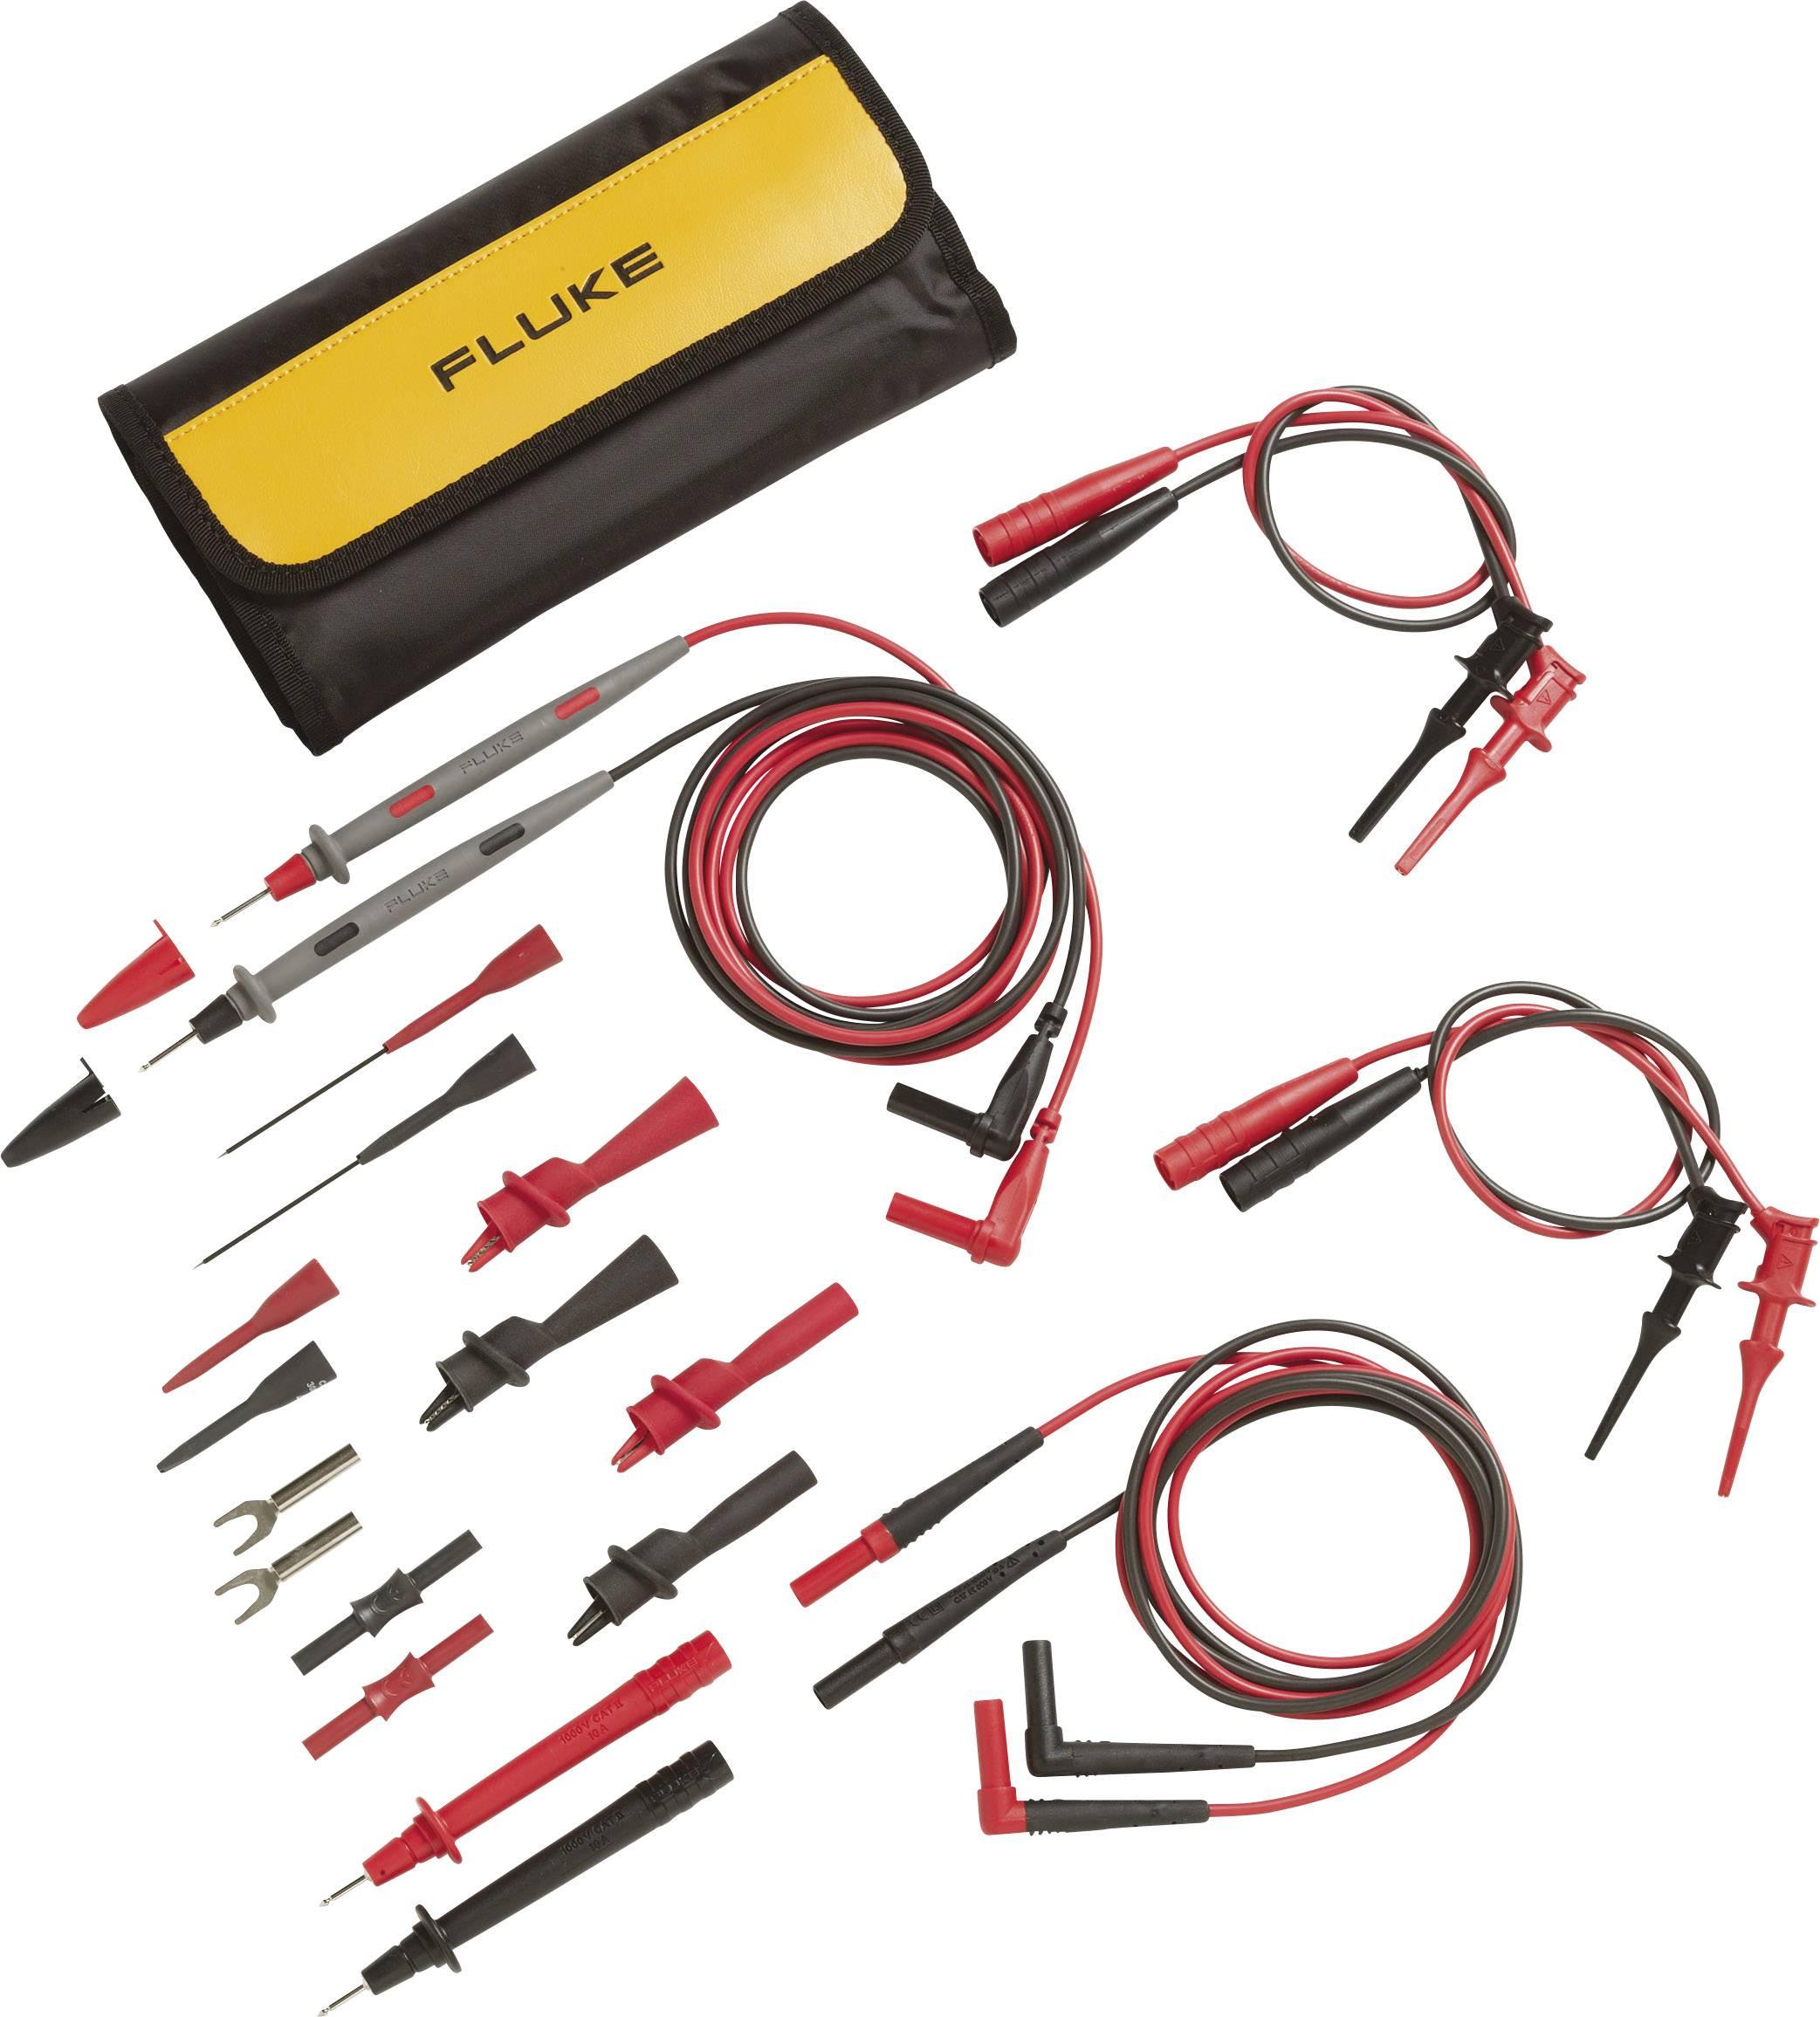 Sada bezpečnostních měřicích kabelů pro elektroniku Fluke TL81A de Luxe, 1 m